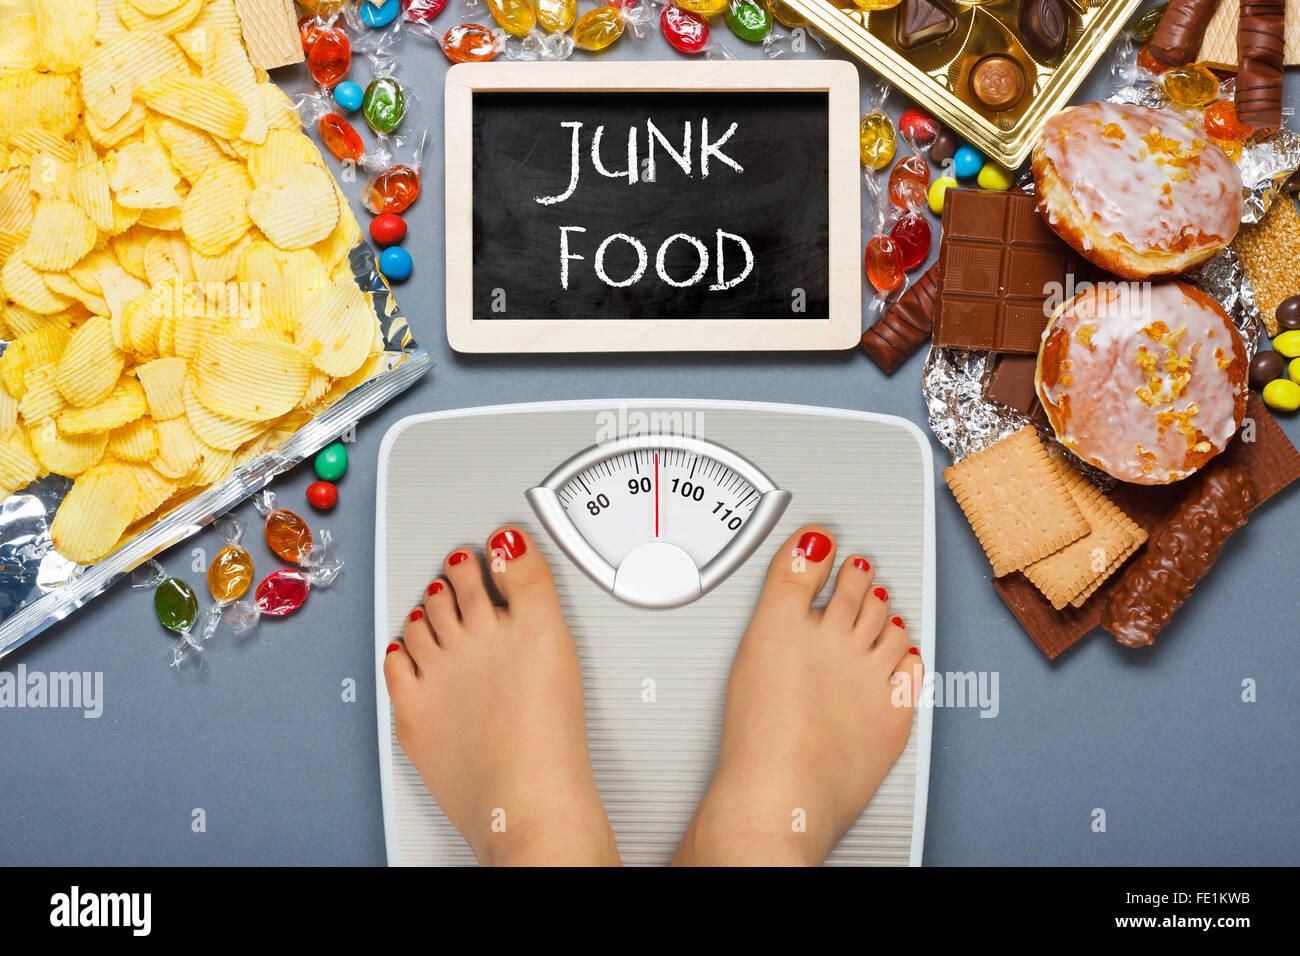 Las dietas malsanas, el sobrepeso. Pies en báscula de baño Imagen De Stock